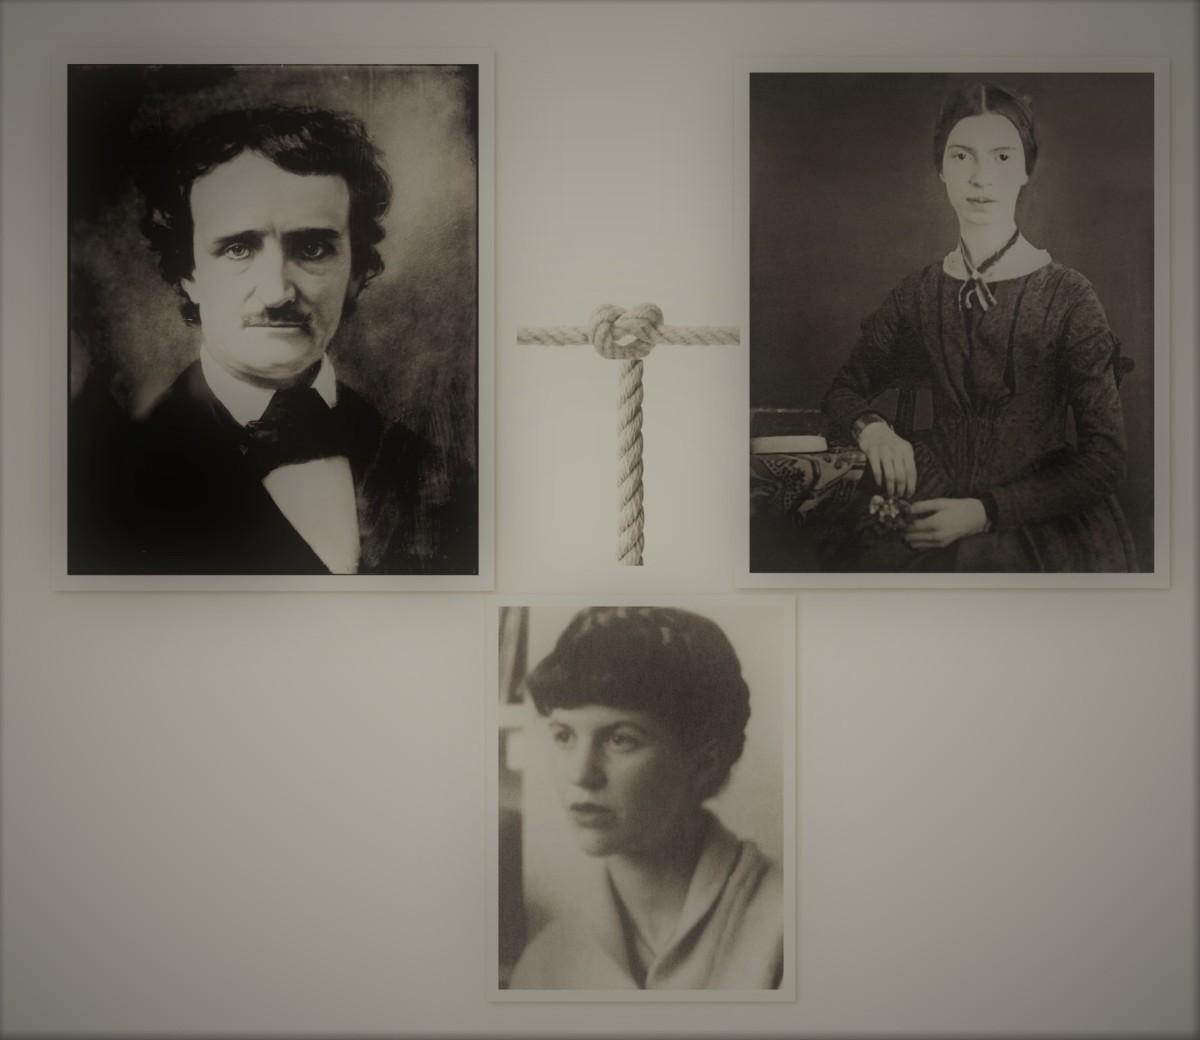 Edgar Allan Poe, Emily Dickinson, and Sylvia Plath